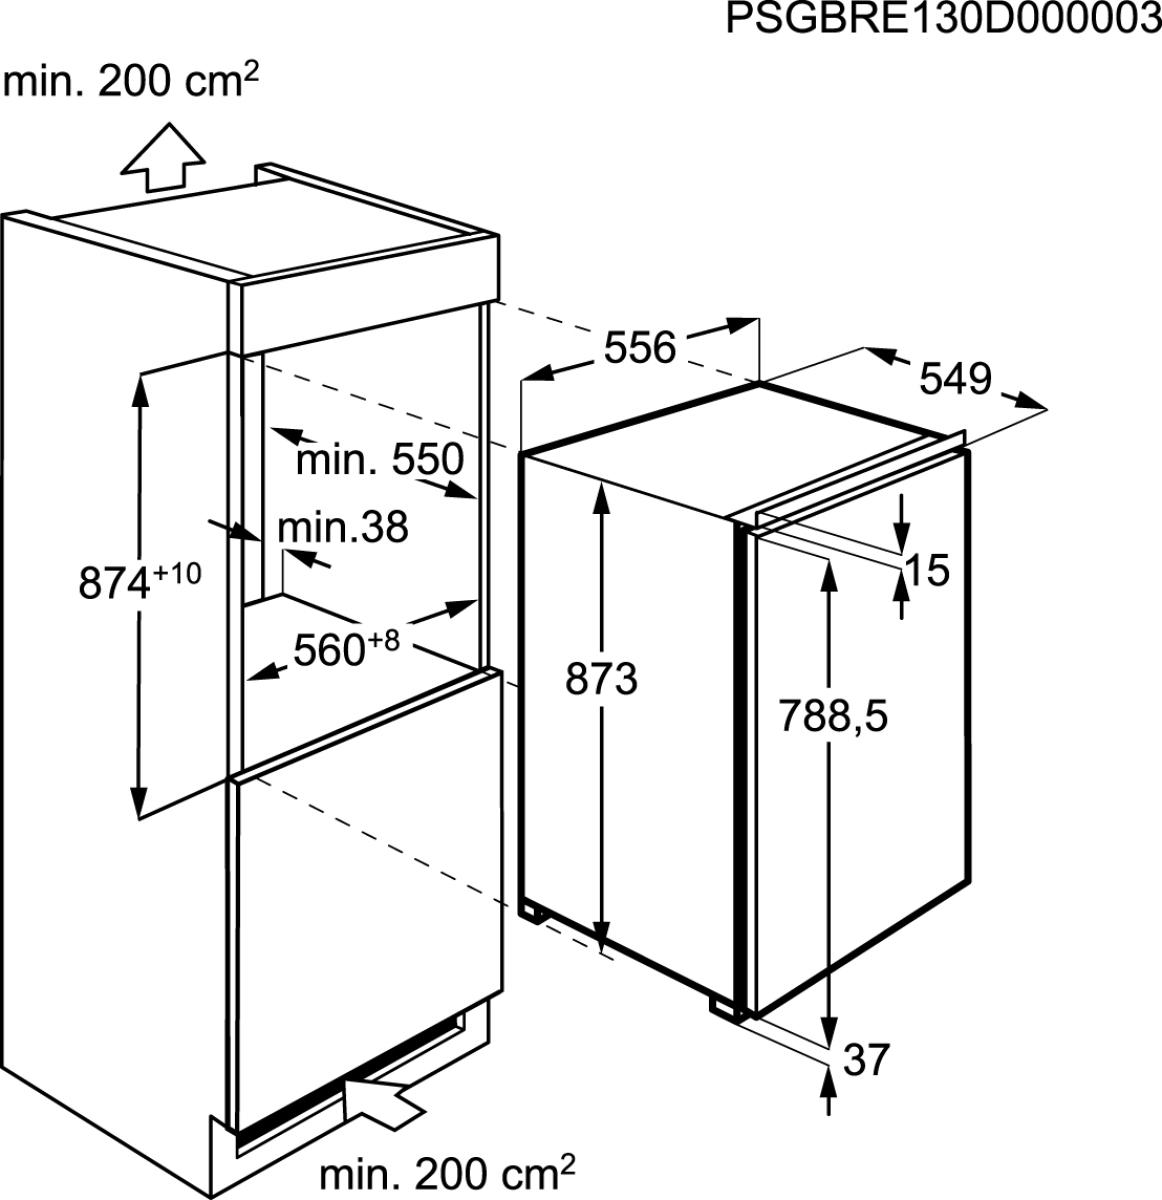 aeg sfs8883xac einbauk hlschrank mit gefrierfach 88cm. Black Bedroom Furniture Sets. Home Design Ideas